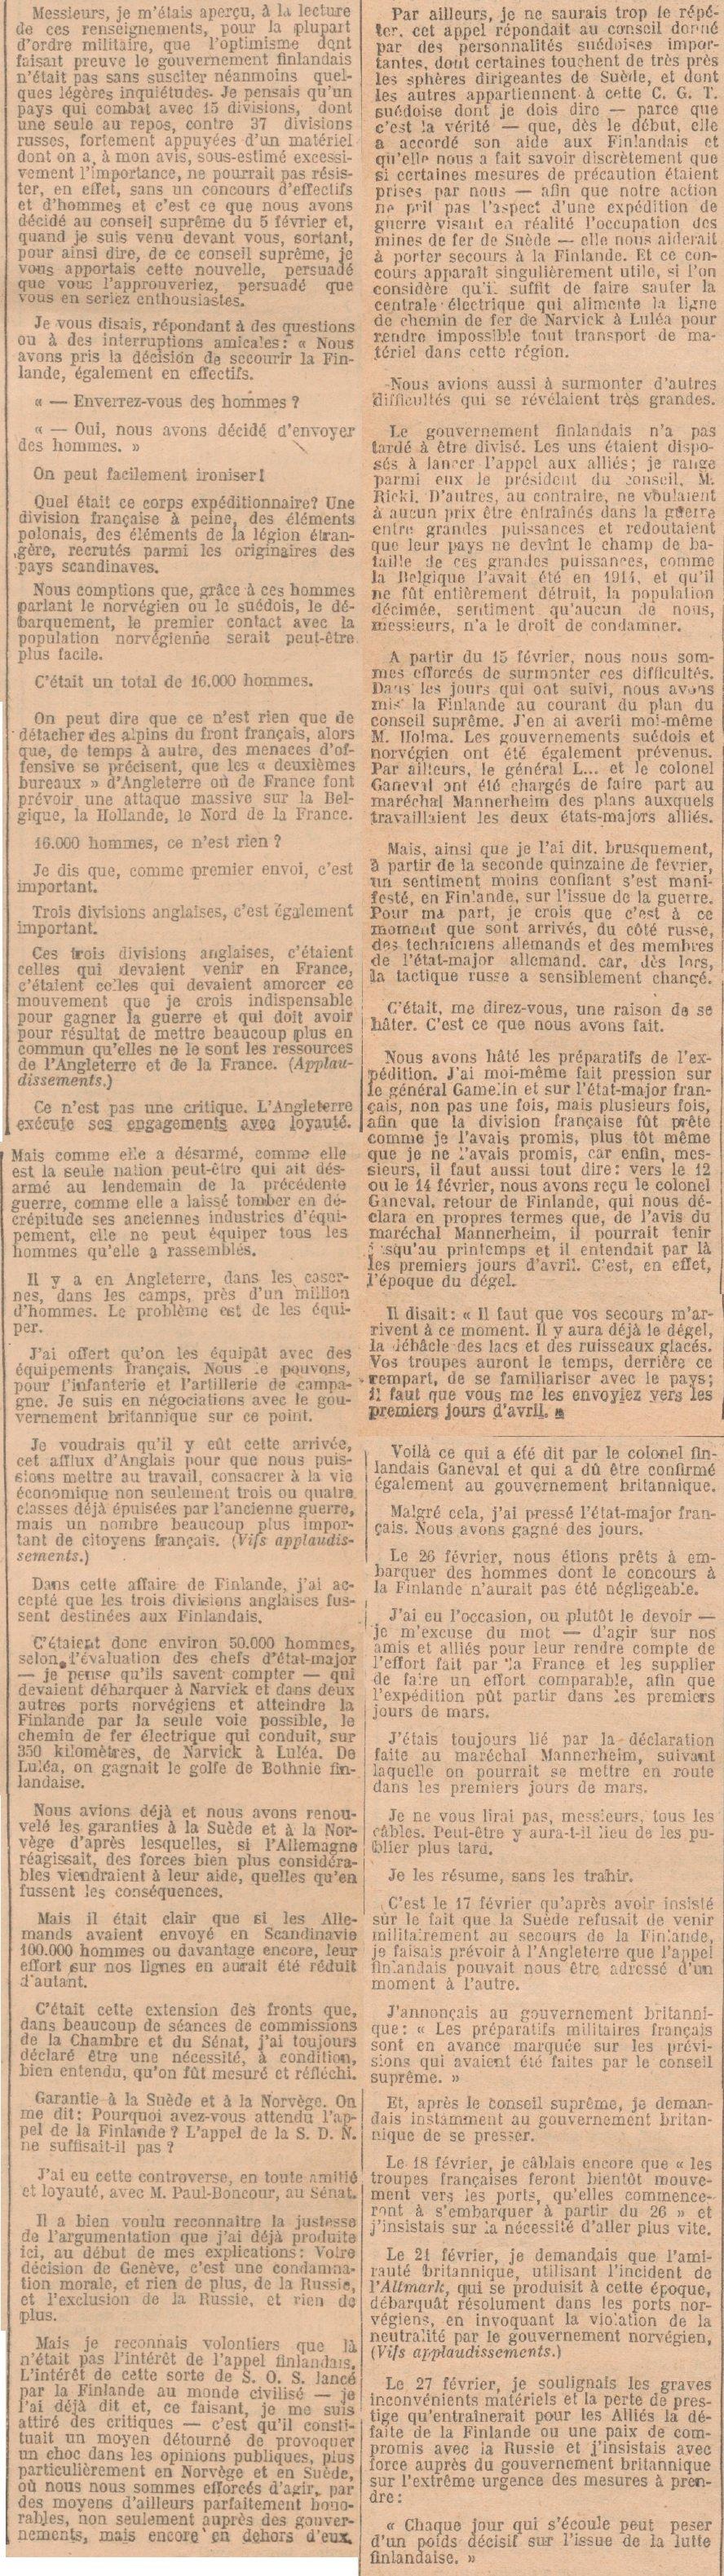 Insigne des Français en Finlande ? - Page 2 Comitz25